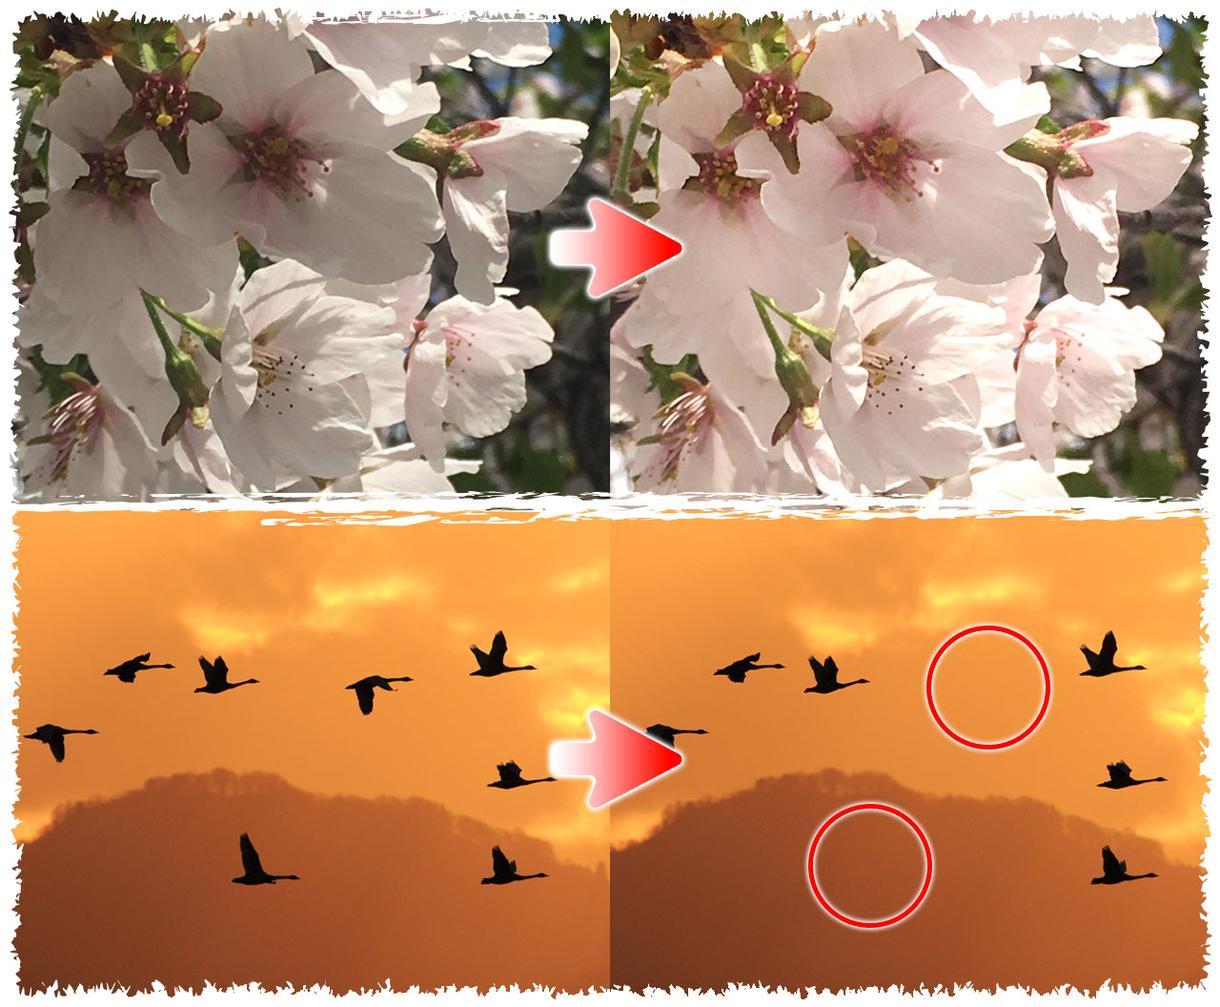 Photoshopで簡単な写真加工いたします ちょっとした加工でキレイな写真に♪明るさの調整や白抜きなども